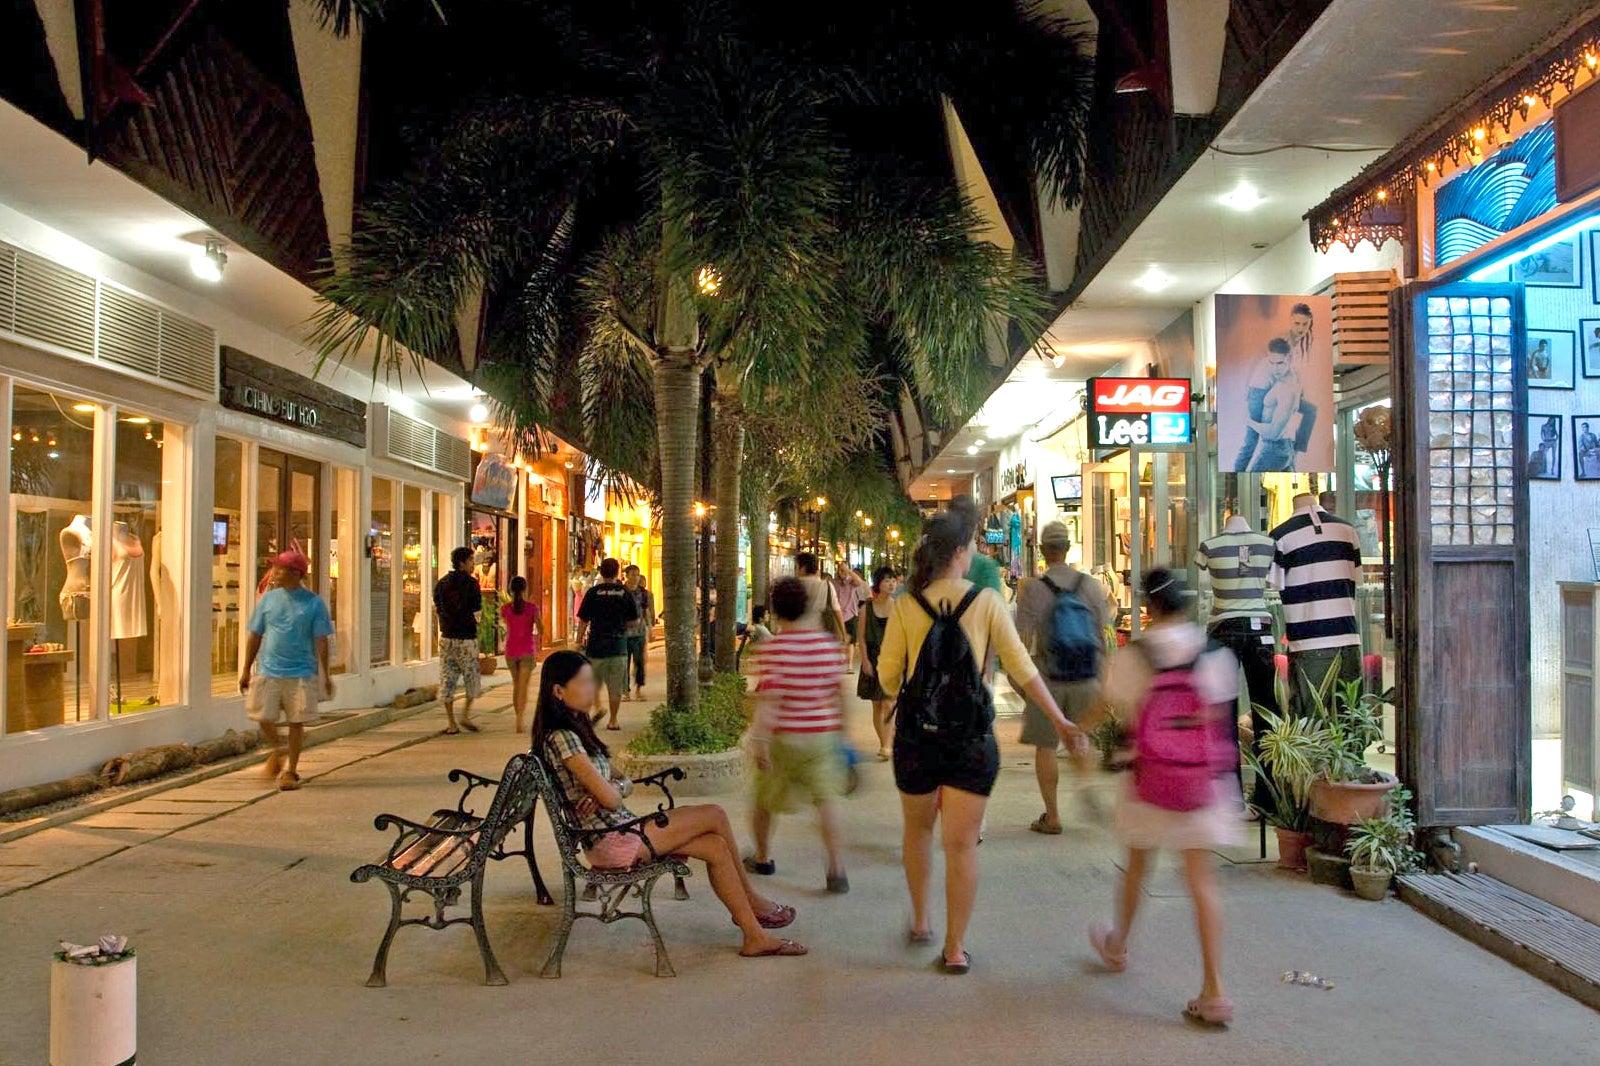 Que ver, hacer y visitar en D'mall de Boracay